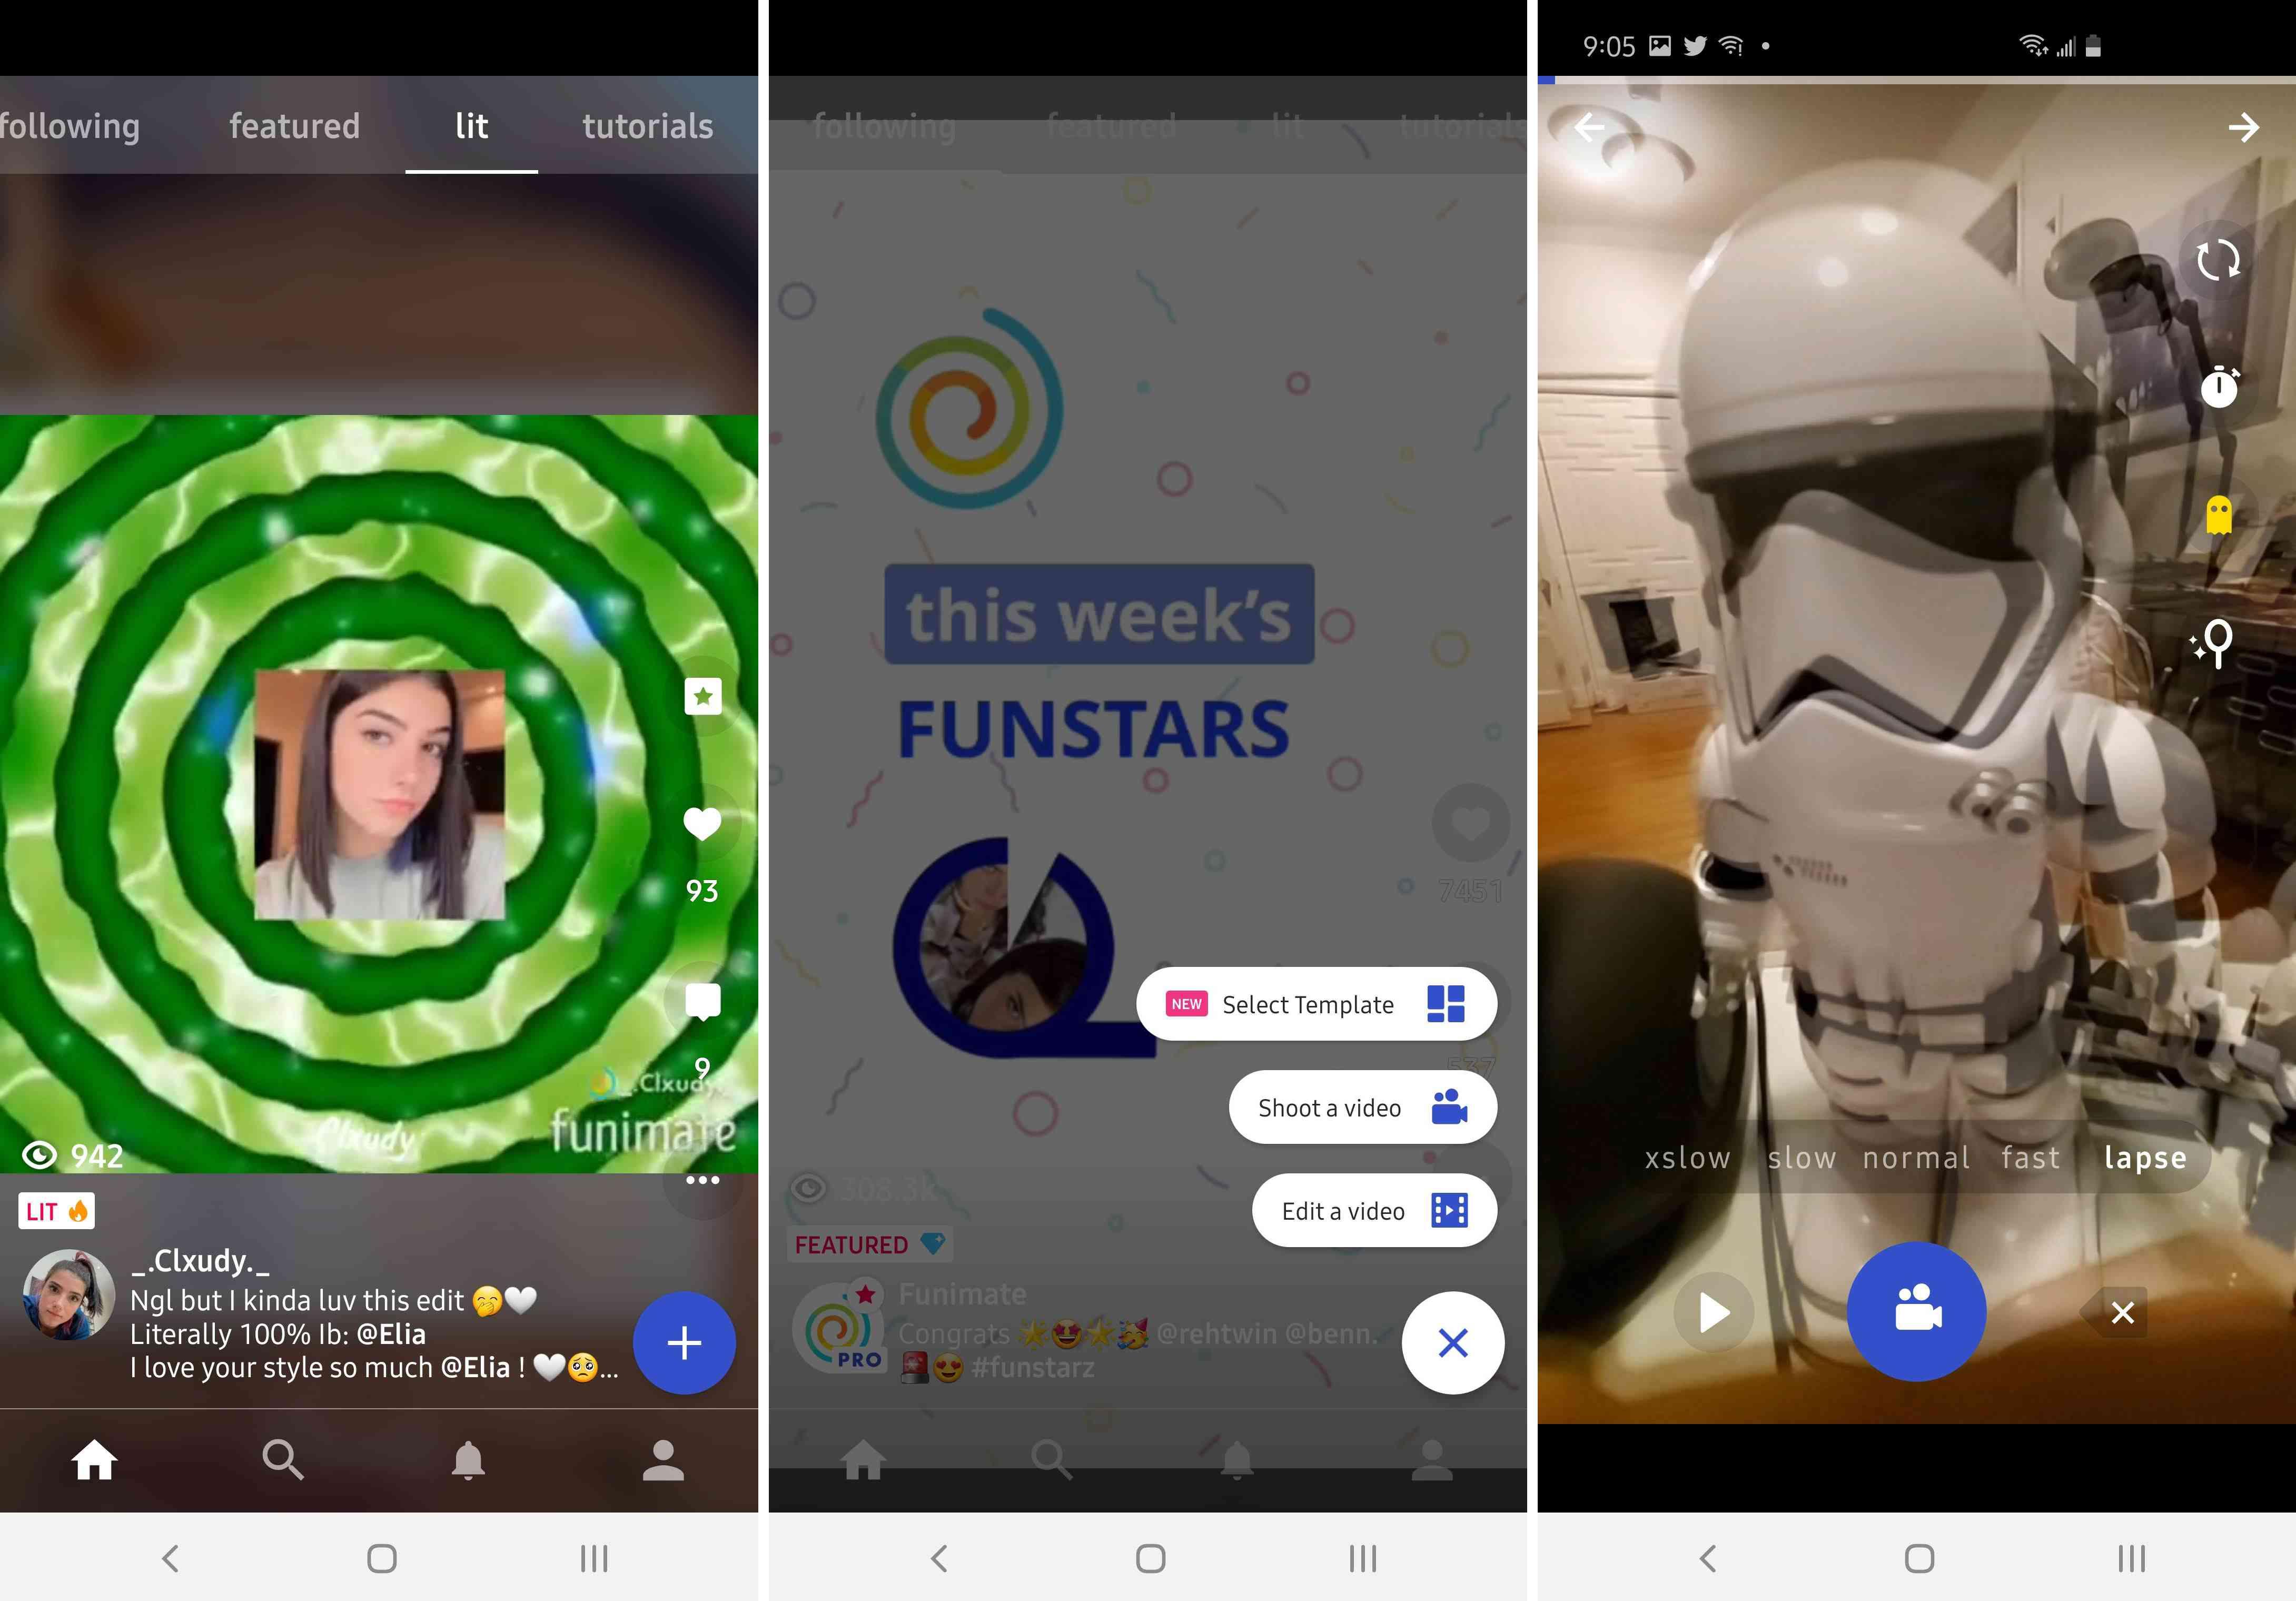 Three views of the Funimate app